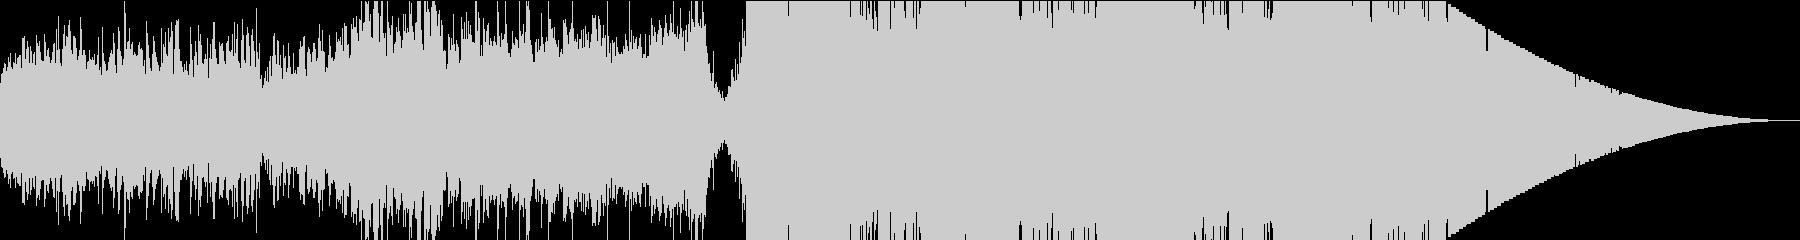 クラシカルなジングル風BGMの未再生の波形